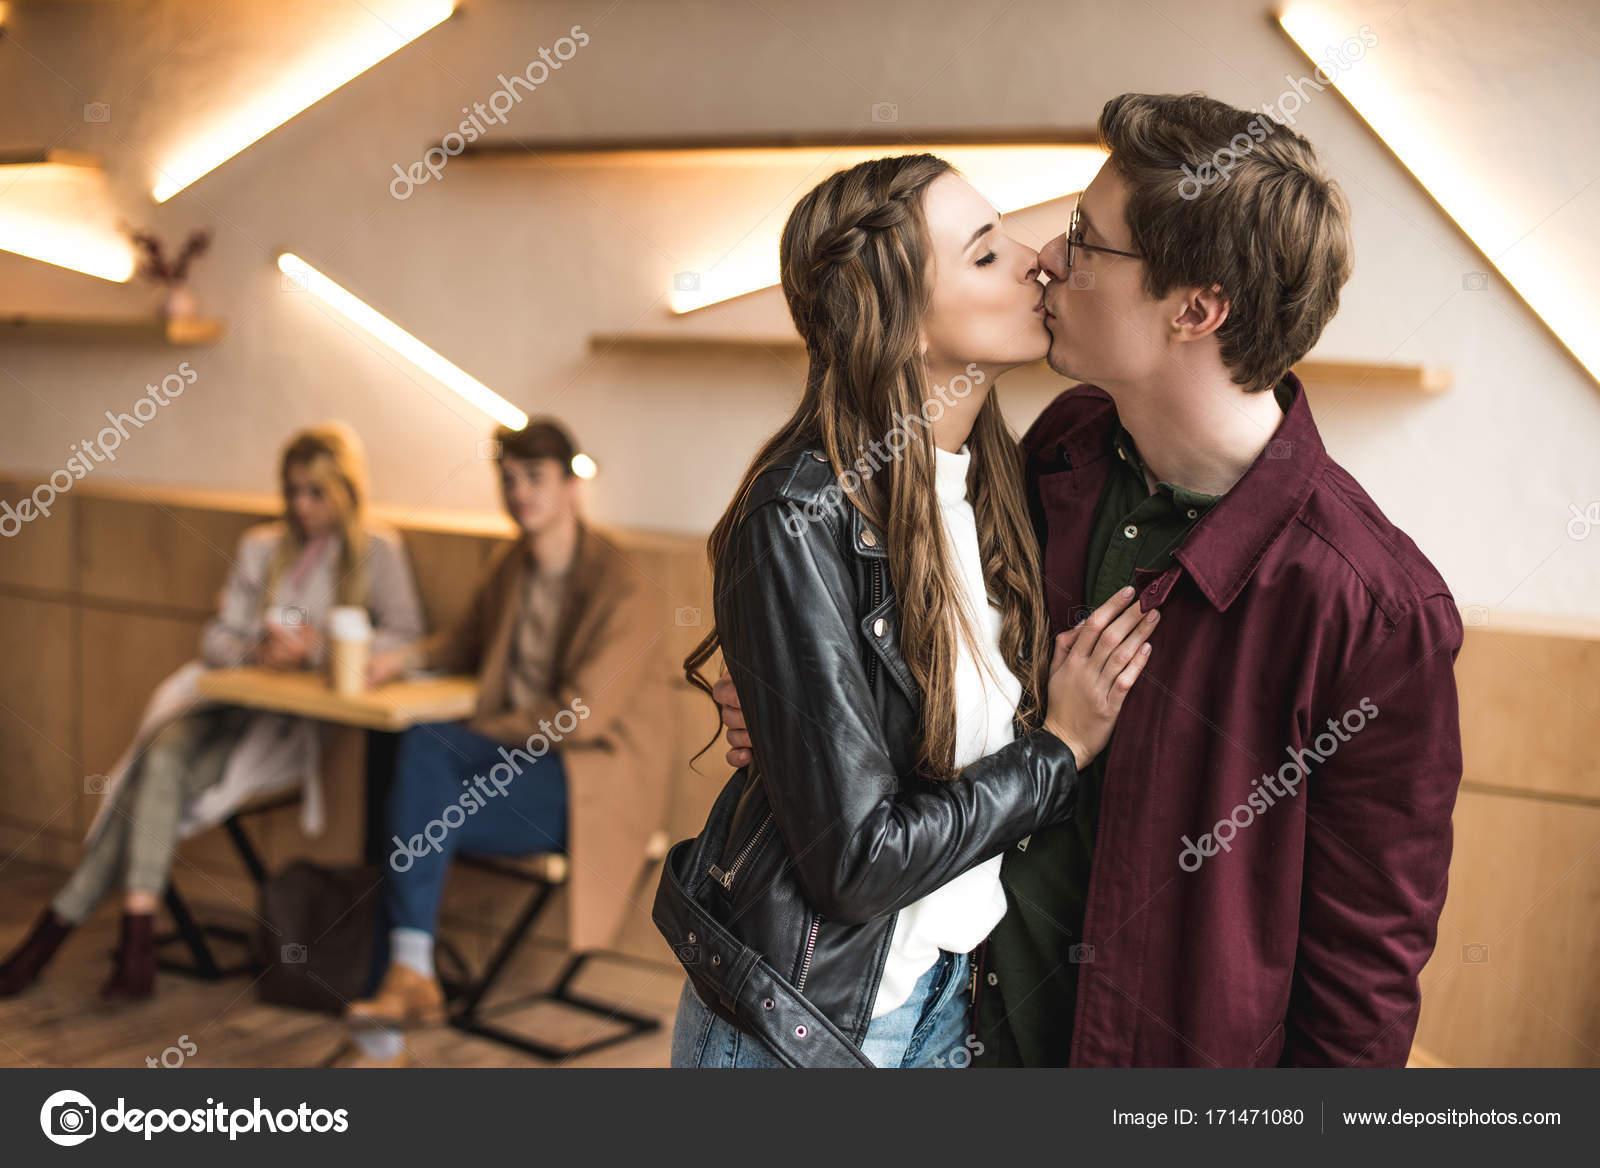 Leather dating for heterosexuals